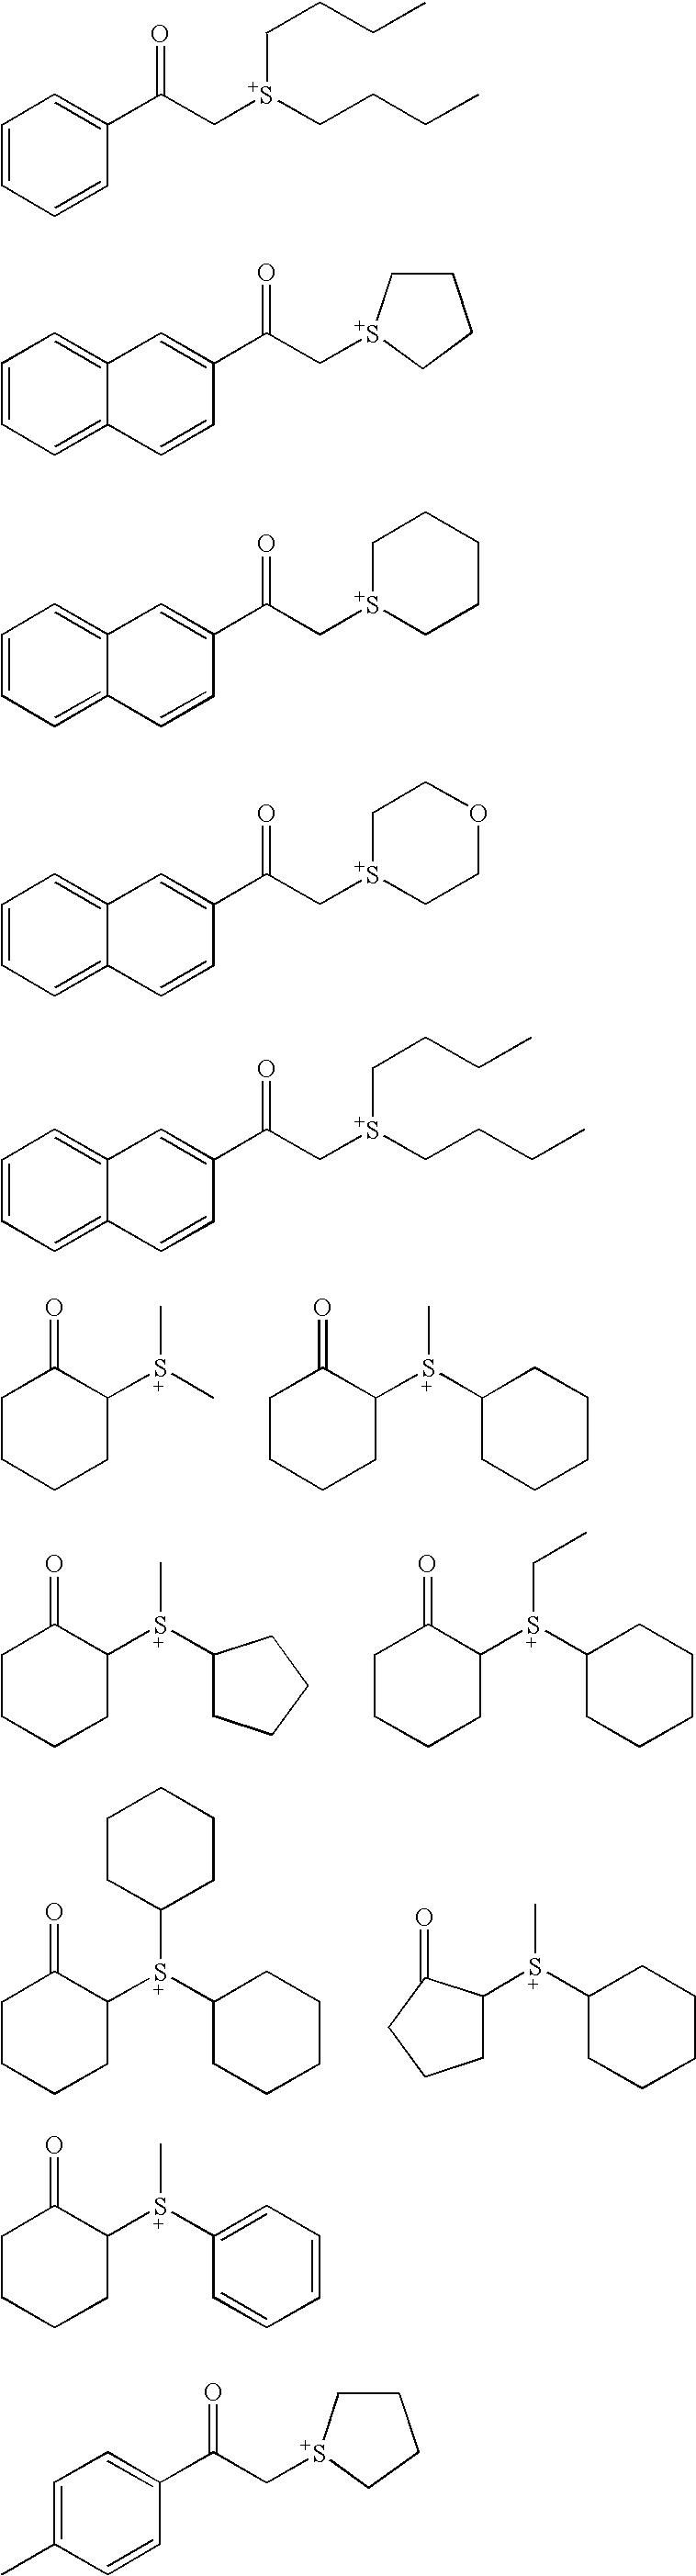 Figure US20060194982A1-20060831-C00019